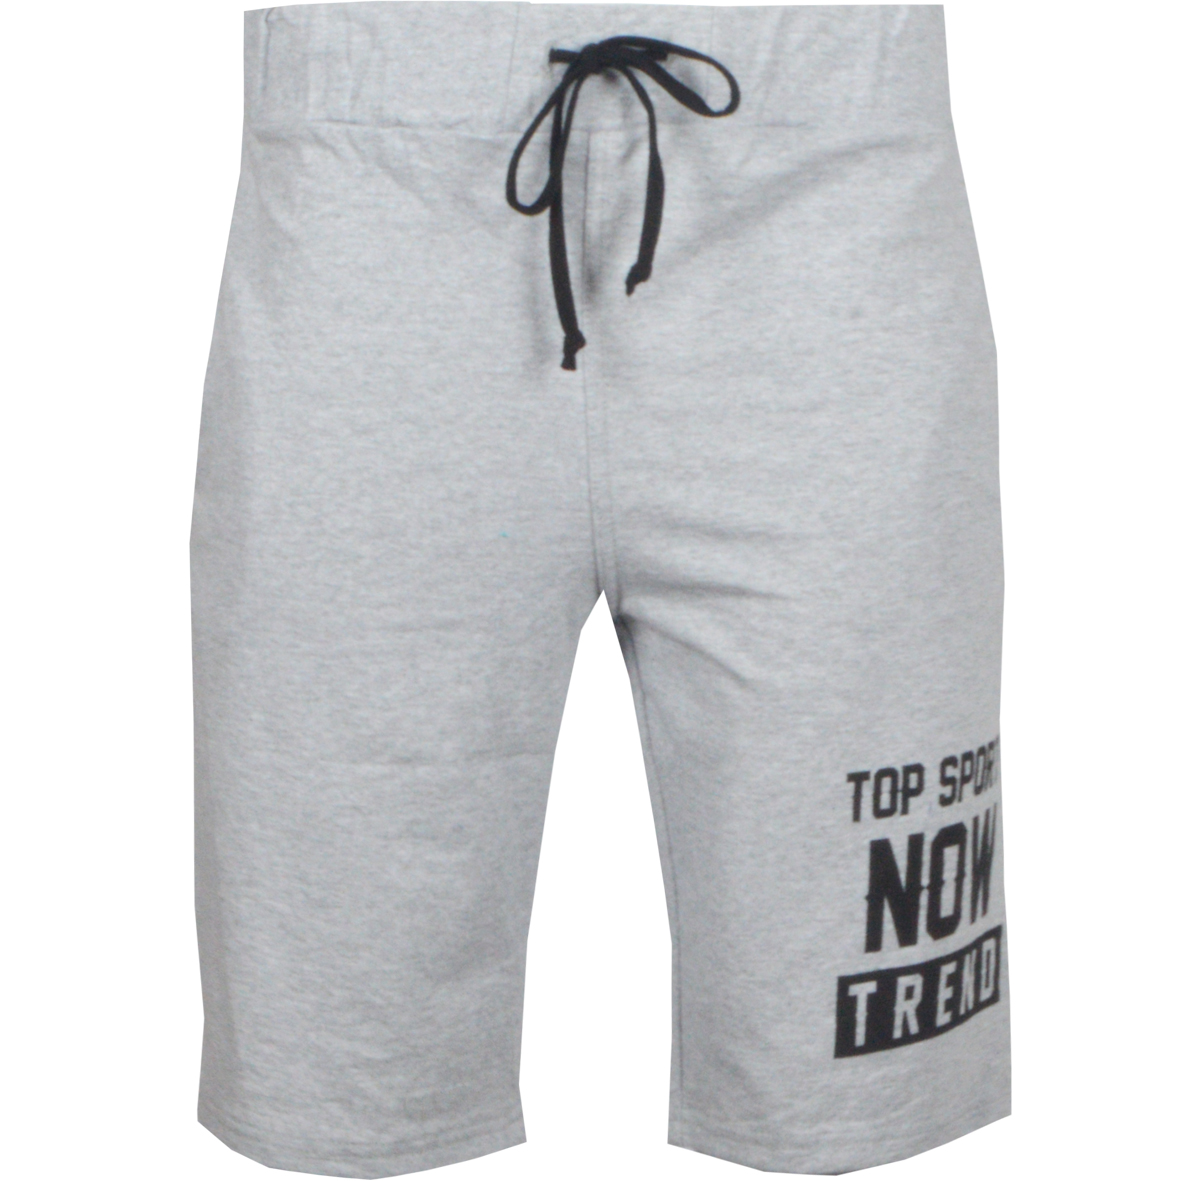 Ανδρική Βερμούδα Top Sports αρχική ανδρικά ρούχα βερμούδες